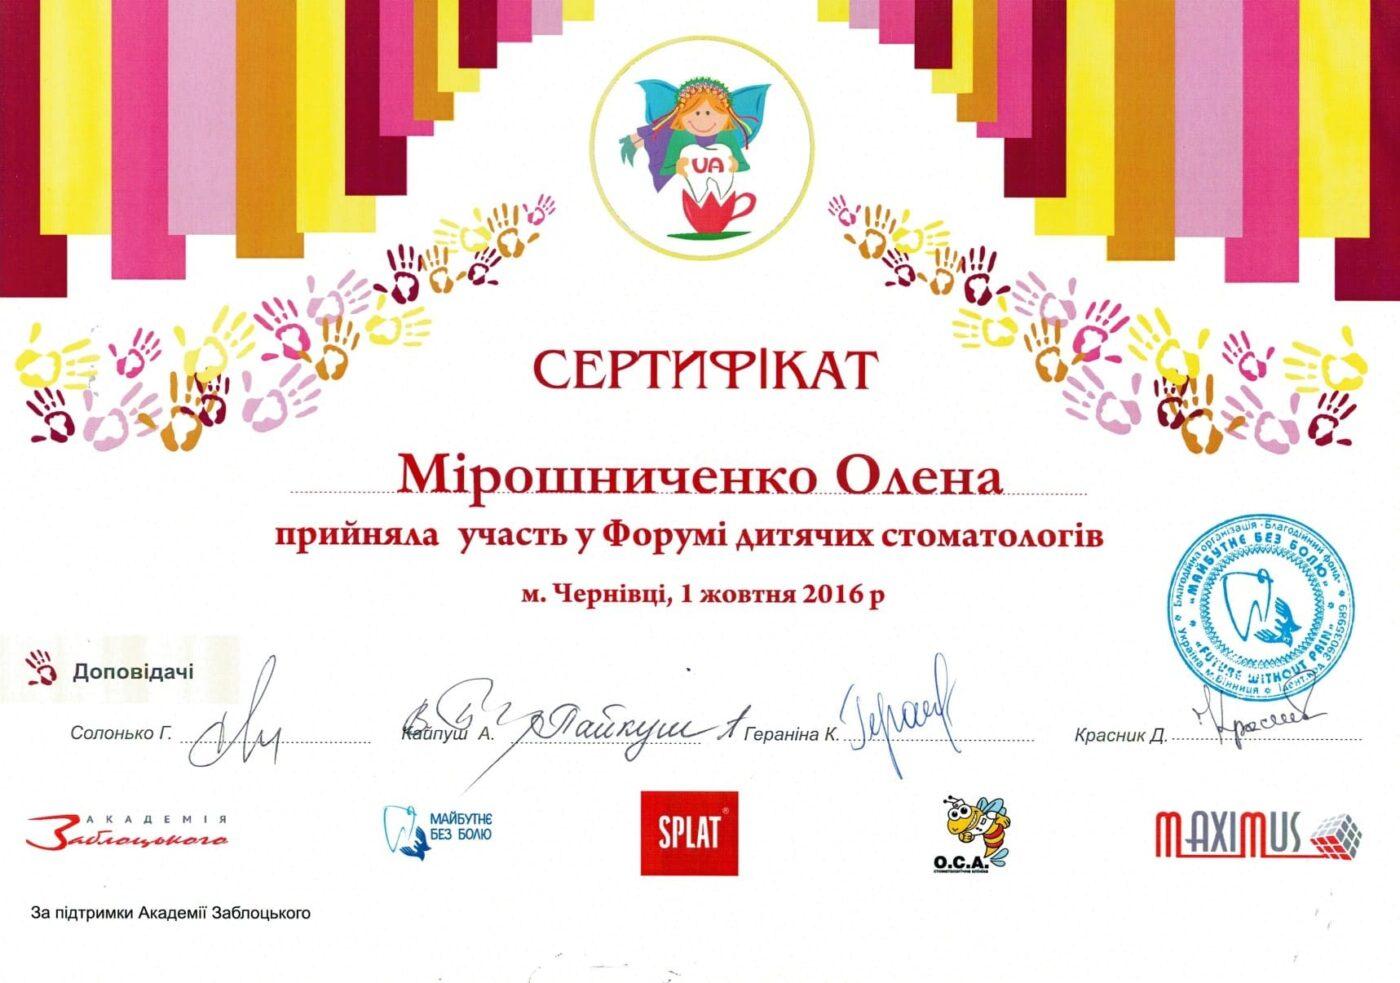 Сертификат подтверждающий участие Алёны Мирошниченко в форуме детских стоматологов